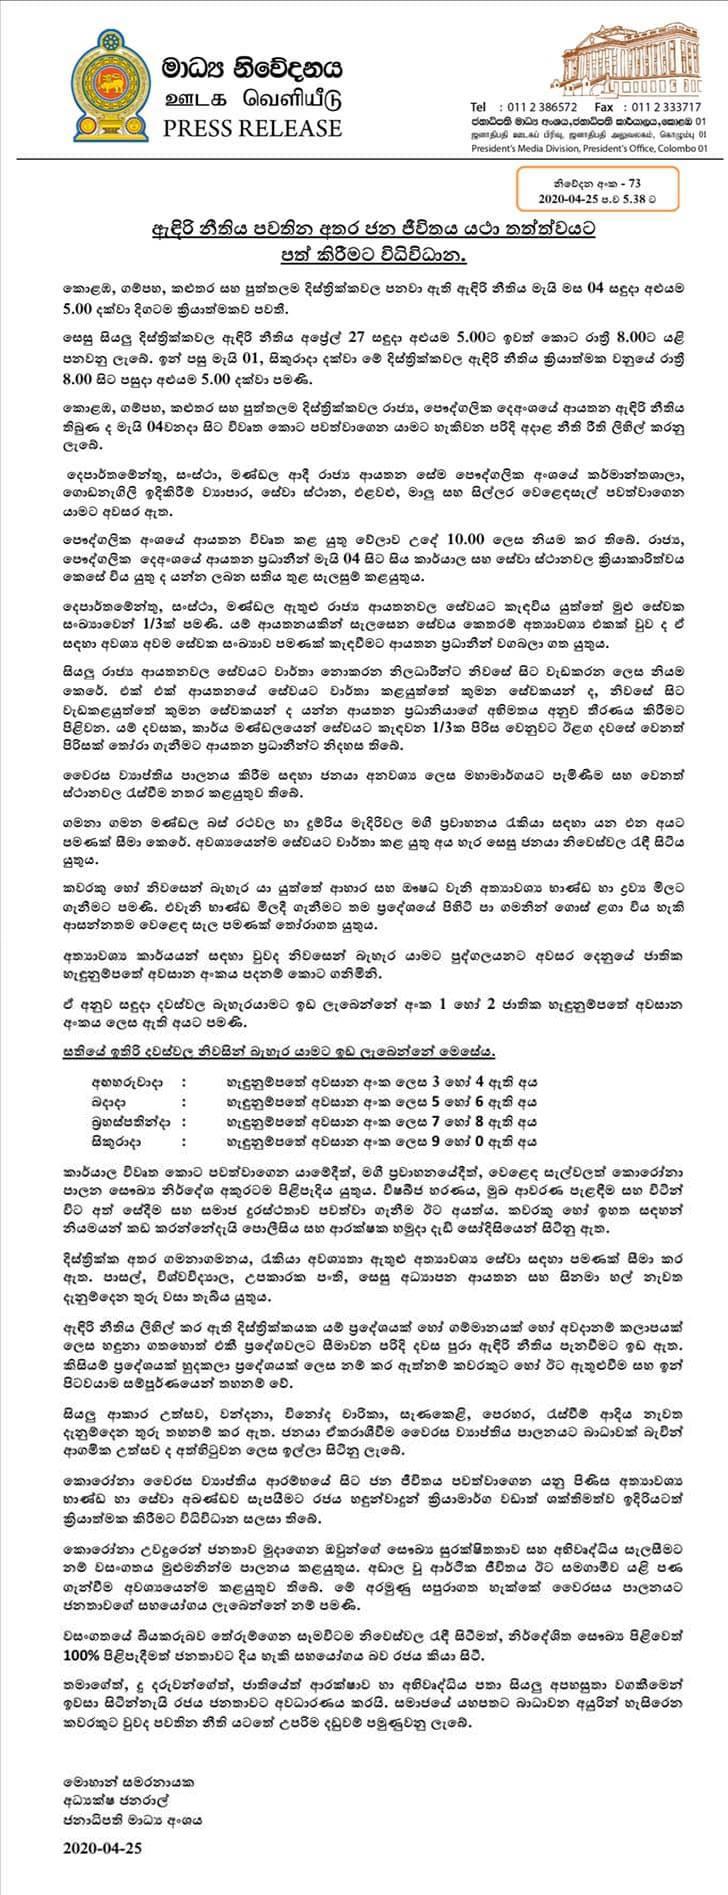 Press release on curfew in Sri Lanka